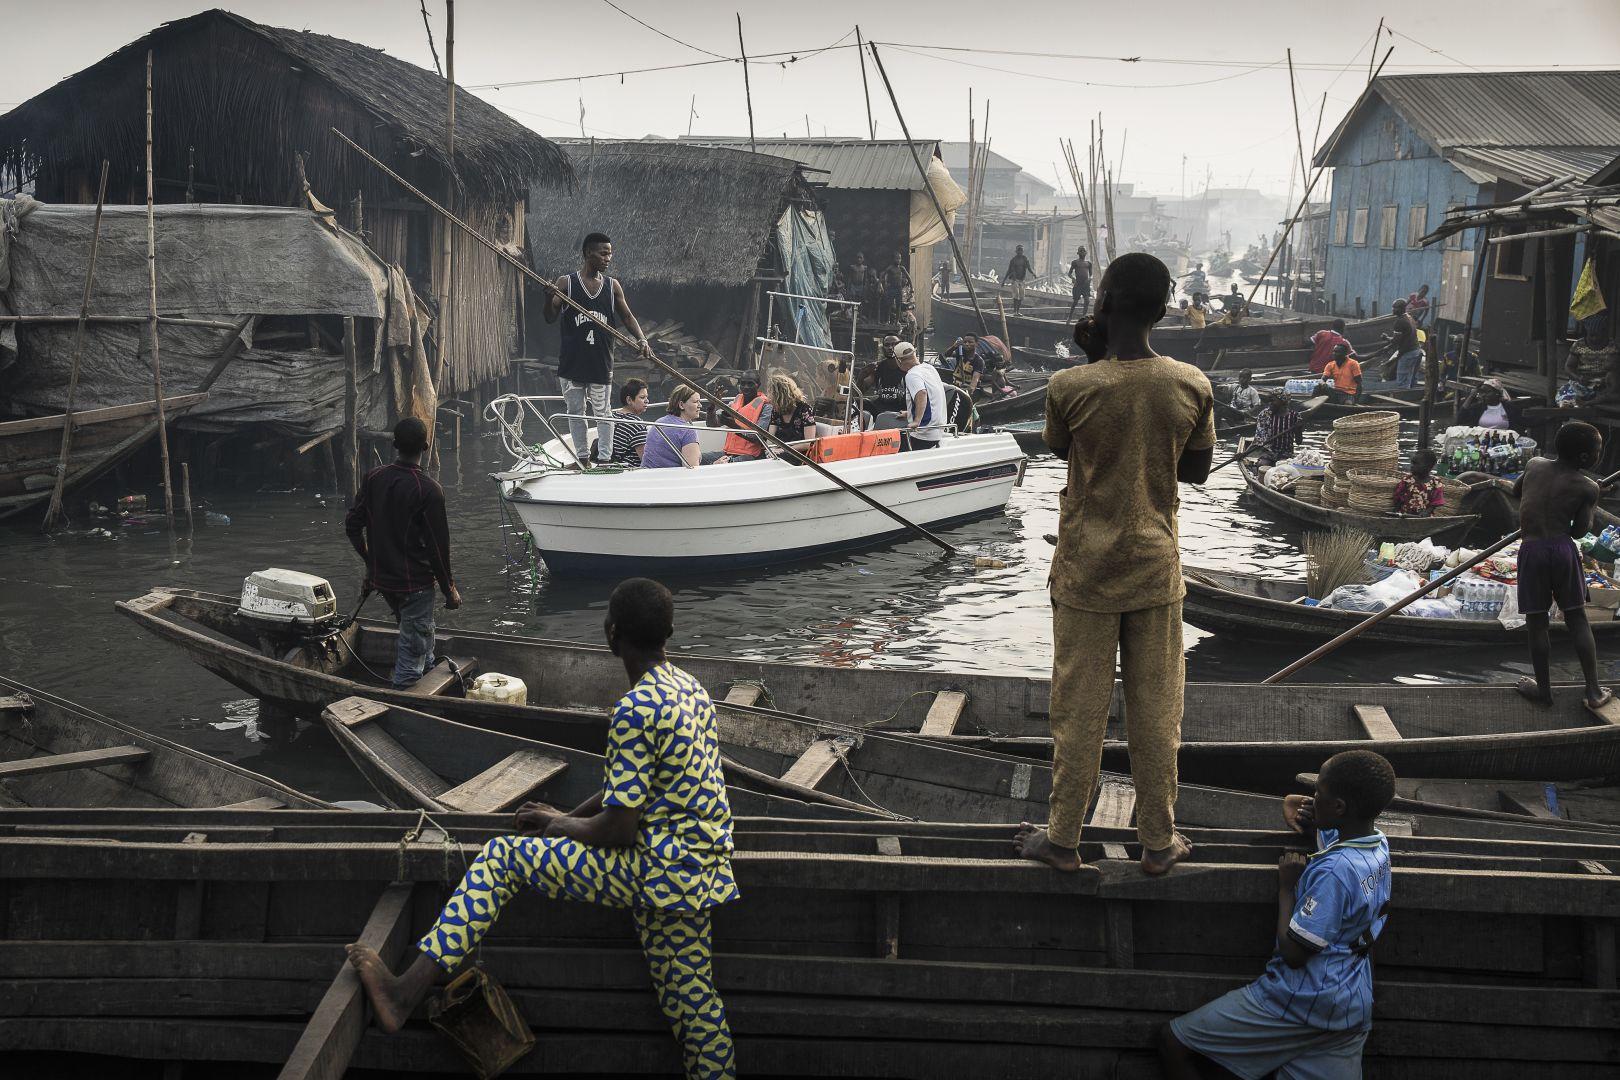 Воды Лагоса под угрозой, © Джеско Дензель, Германия, 1-й приз : одиночный кадр, Фотоконкурс World Press Photo